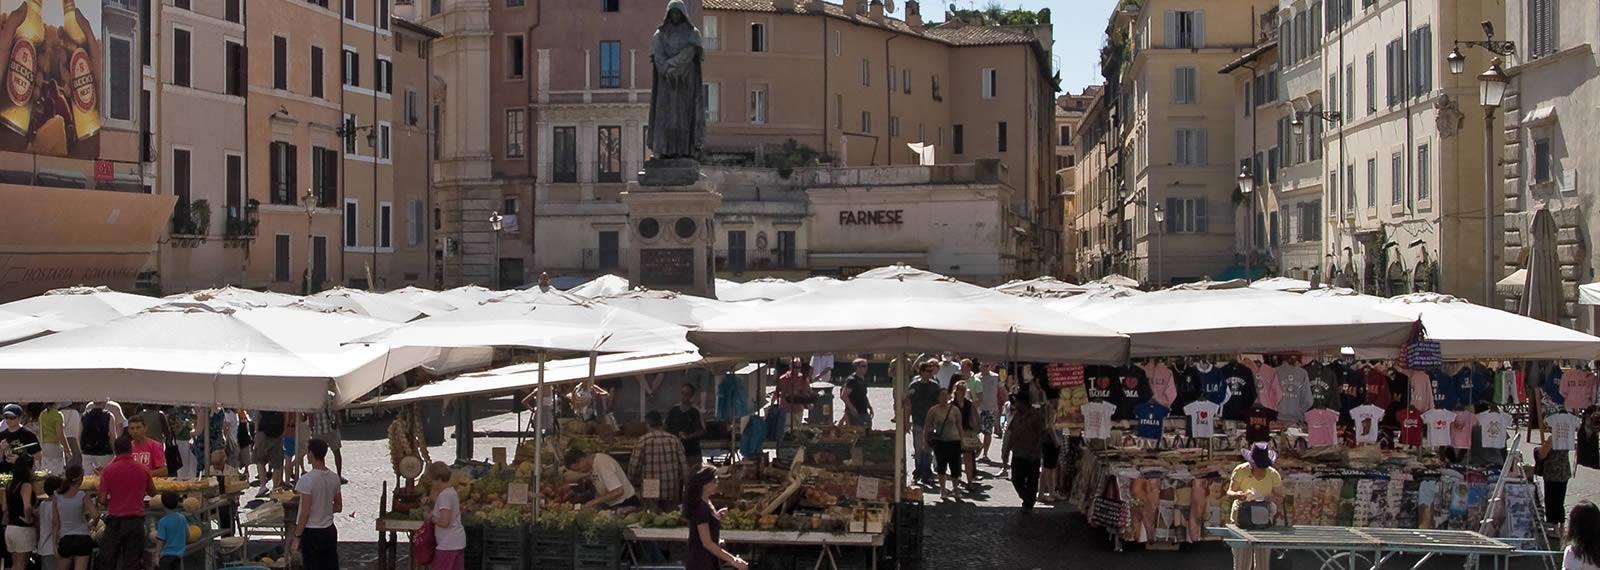 Mercatini di roma i tesori della moda nascosti tra i for Mercatini antiquariato roma